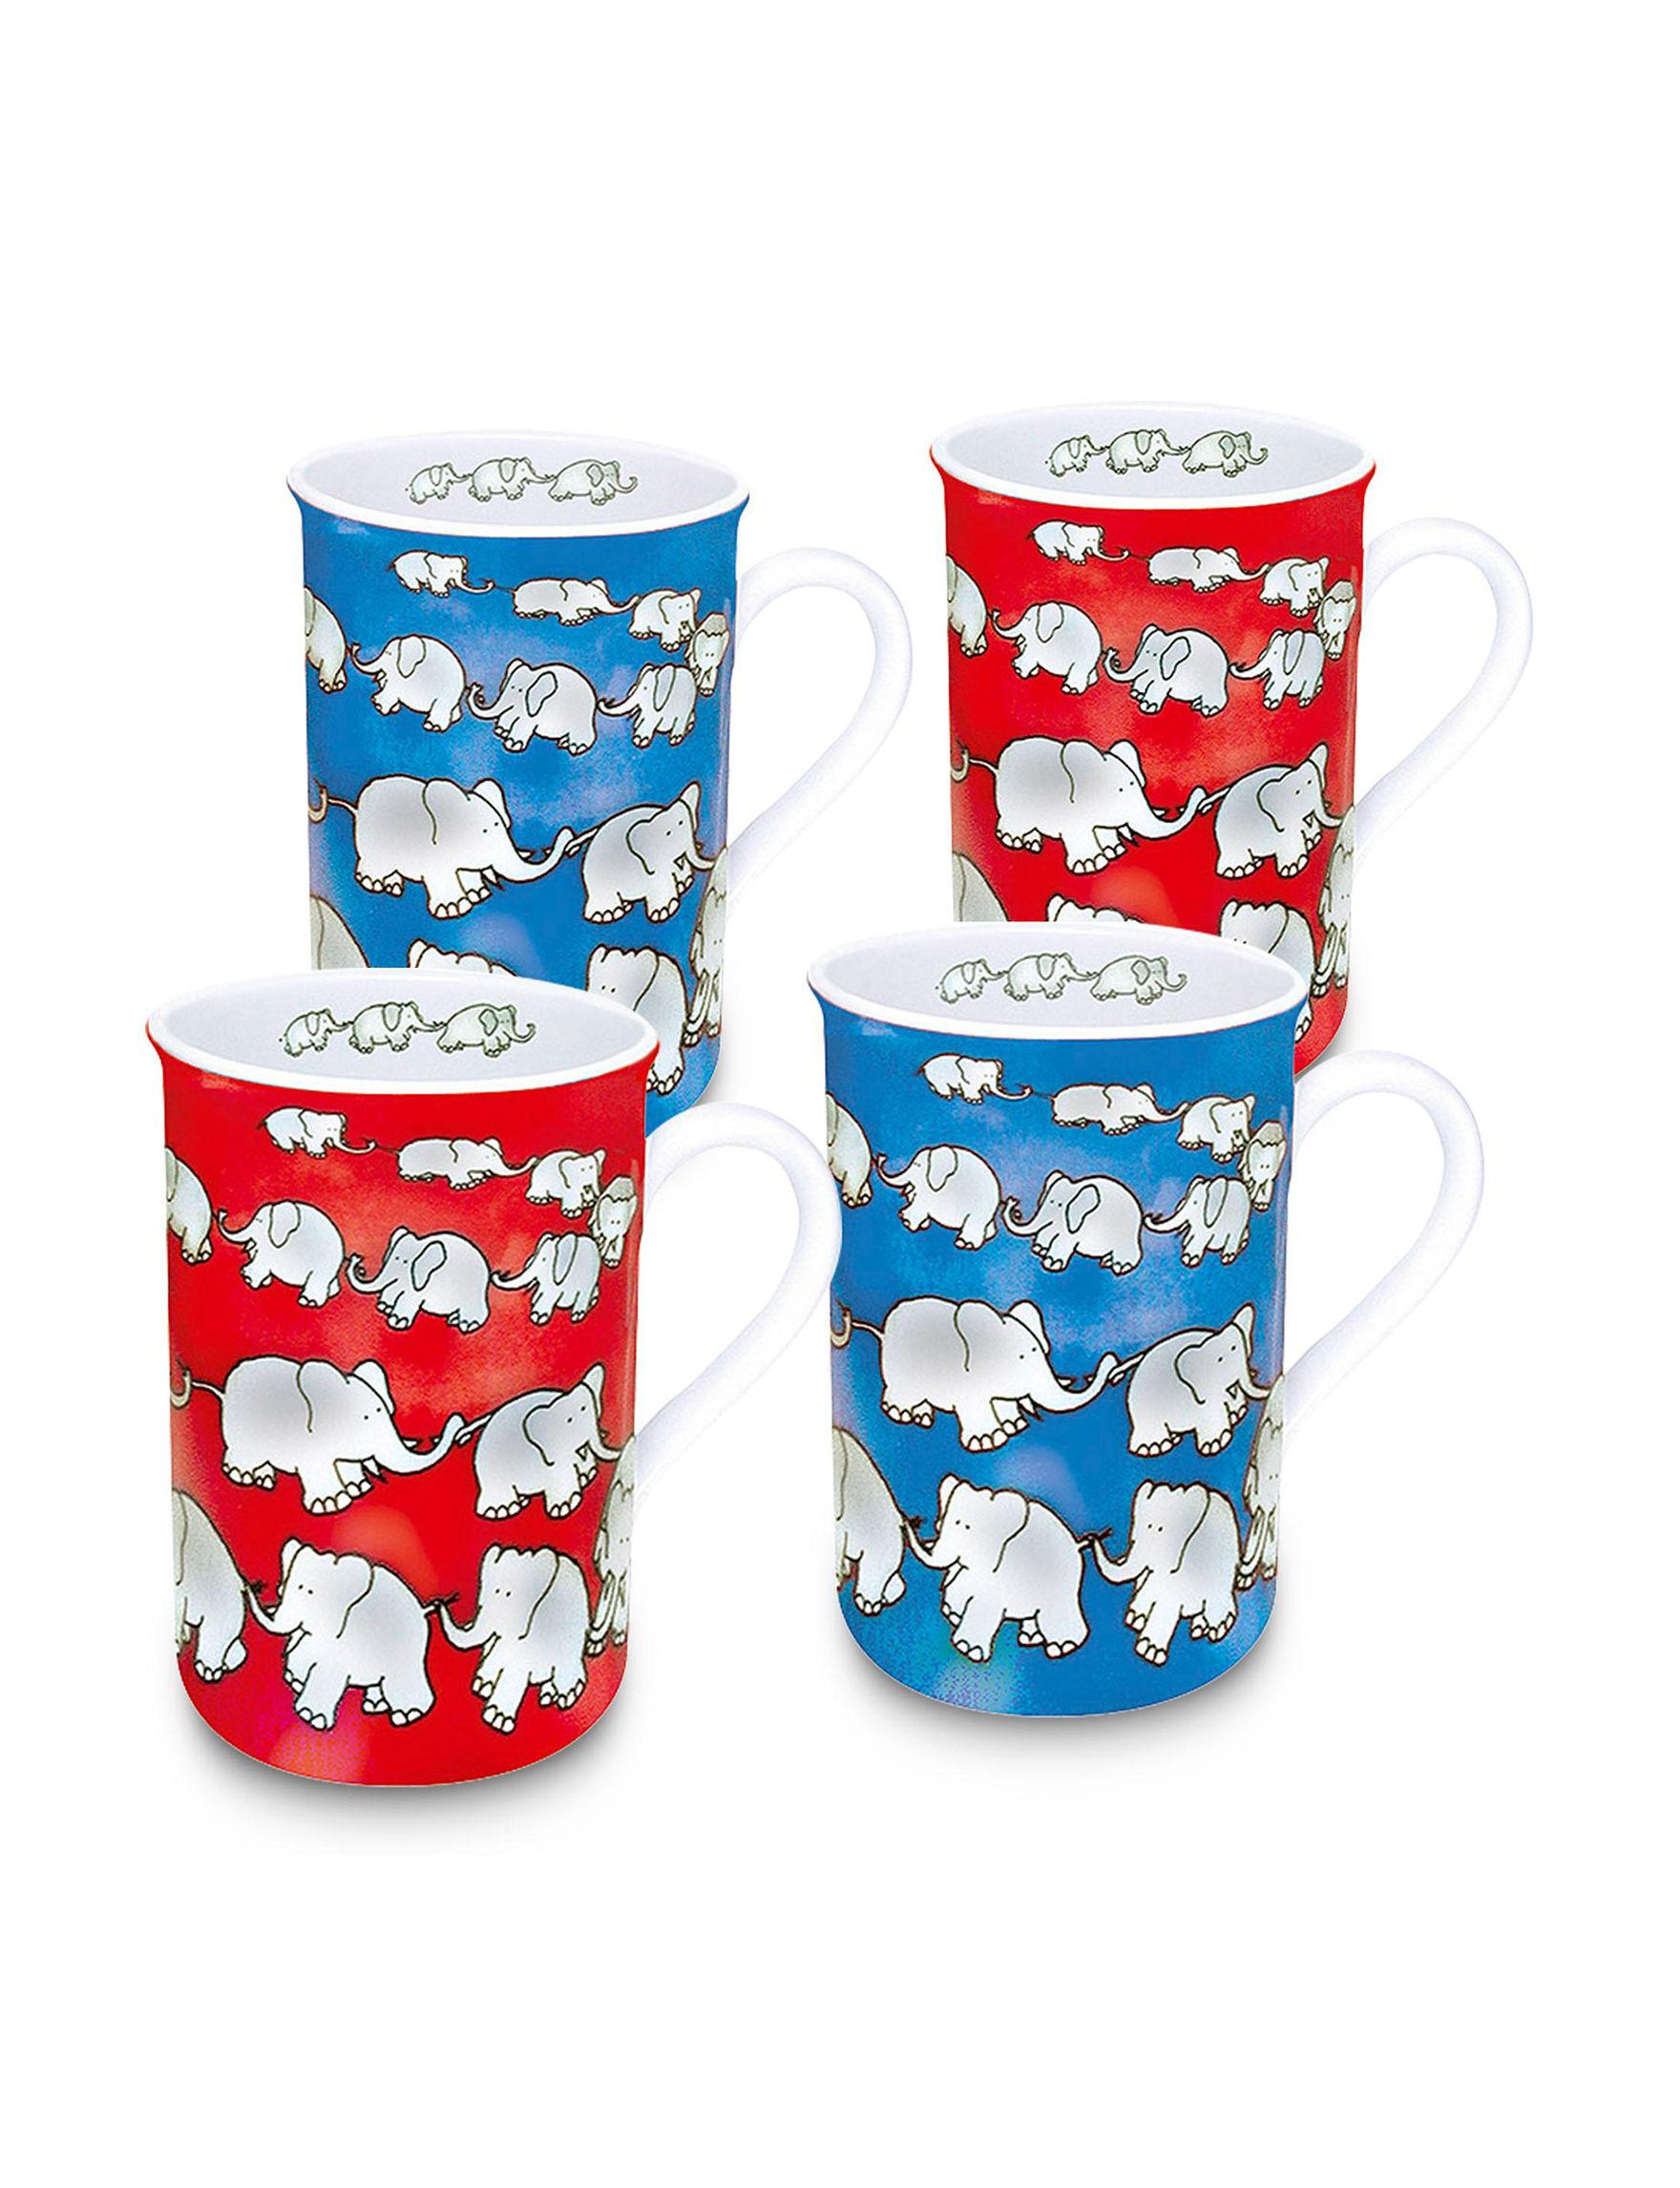 Konitz Blue/ Red Mugs Drinkware